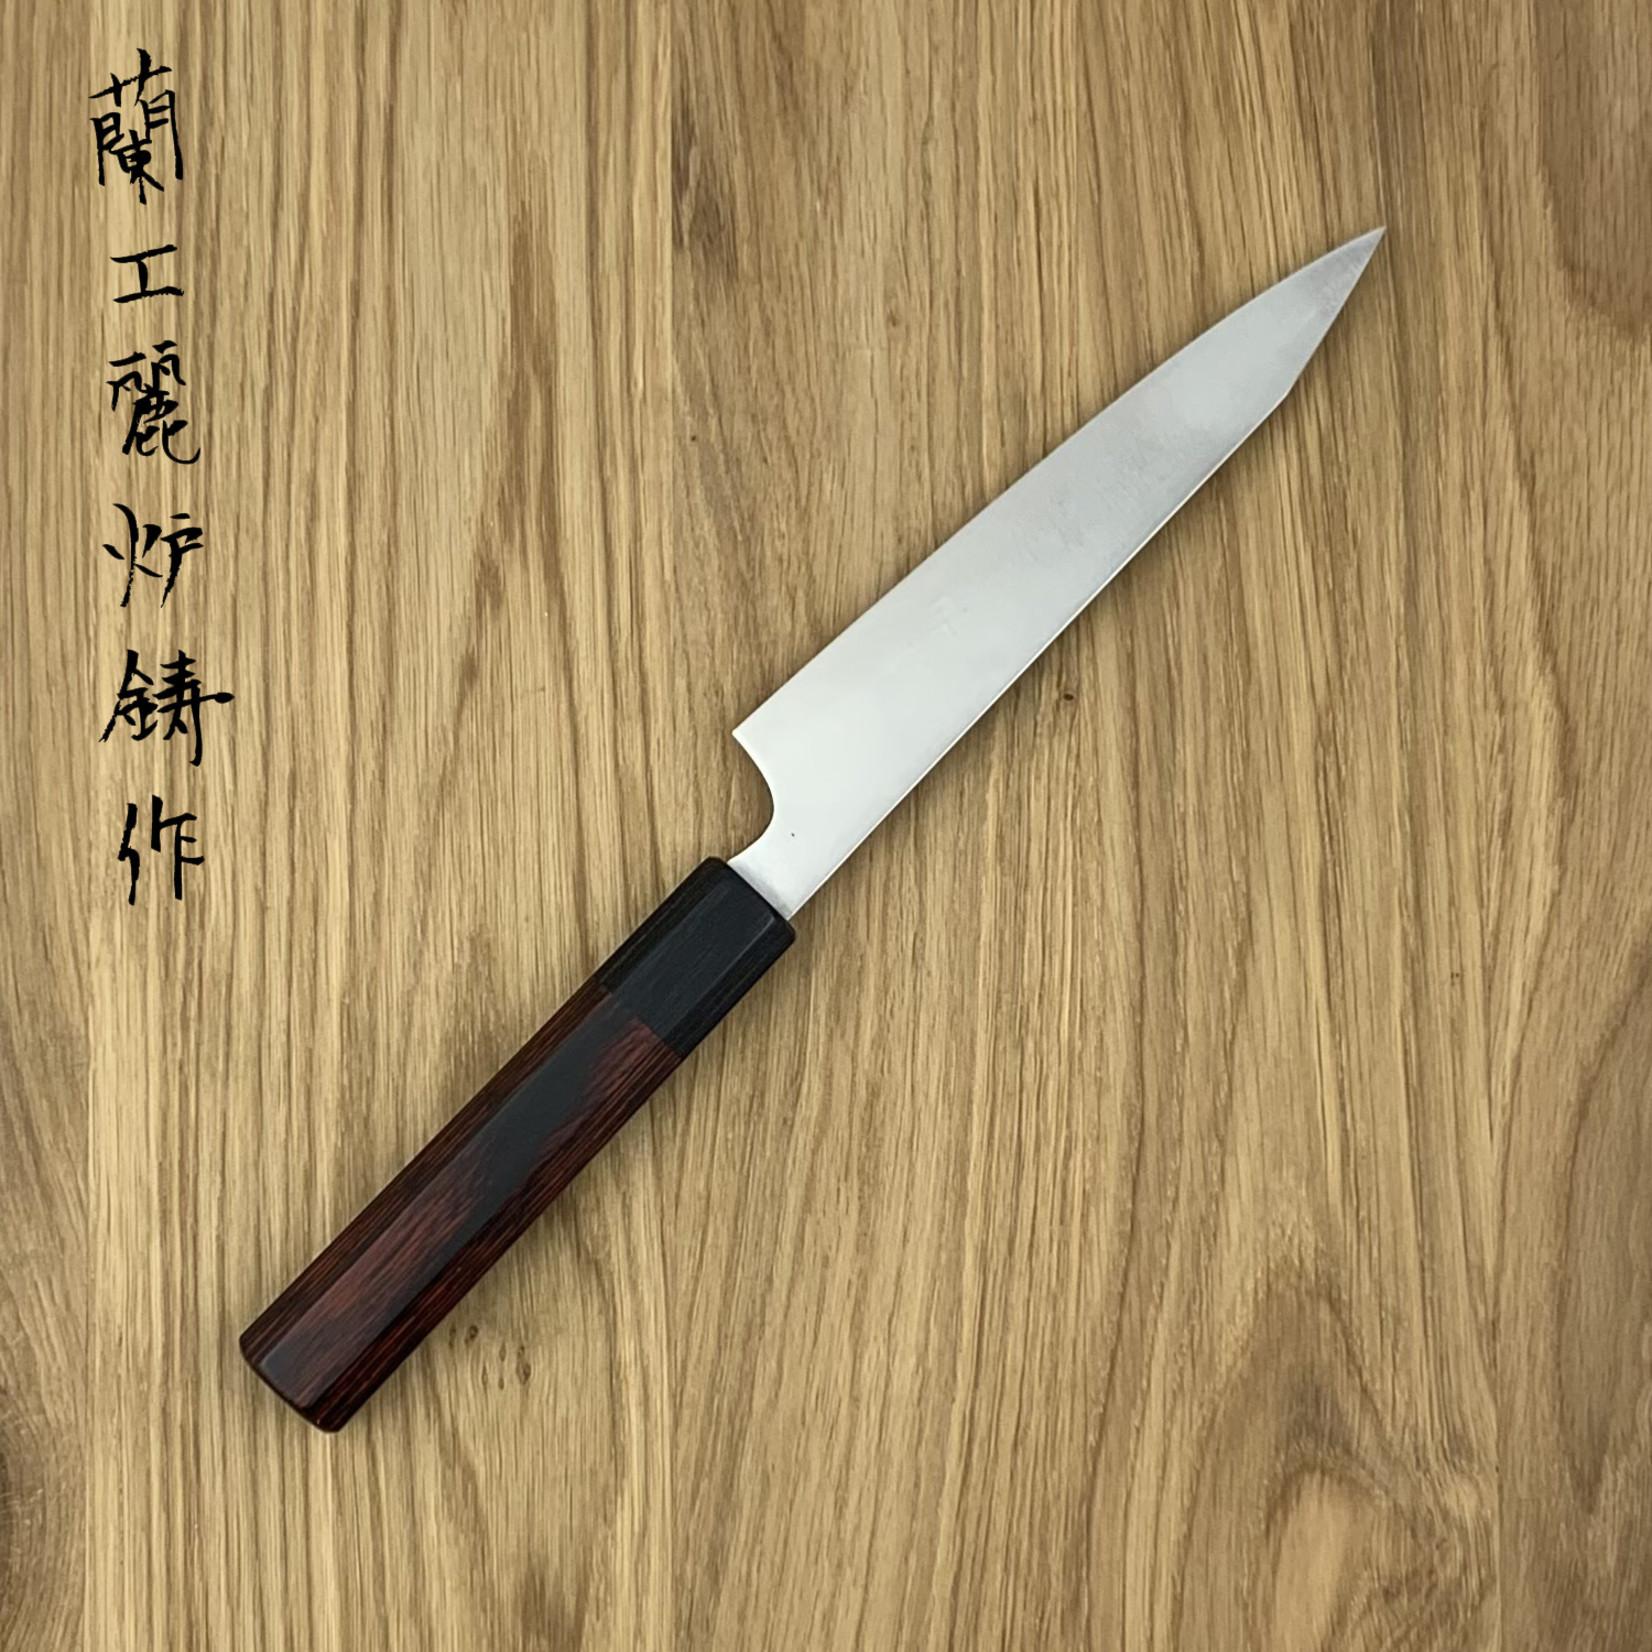 ROOIJ Saku Petty Kiritsuke 150mm RK6-P15CR